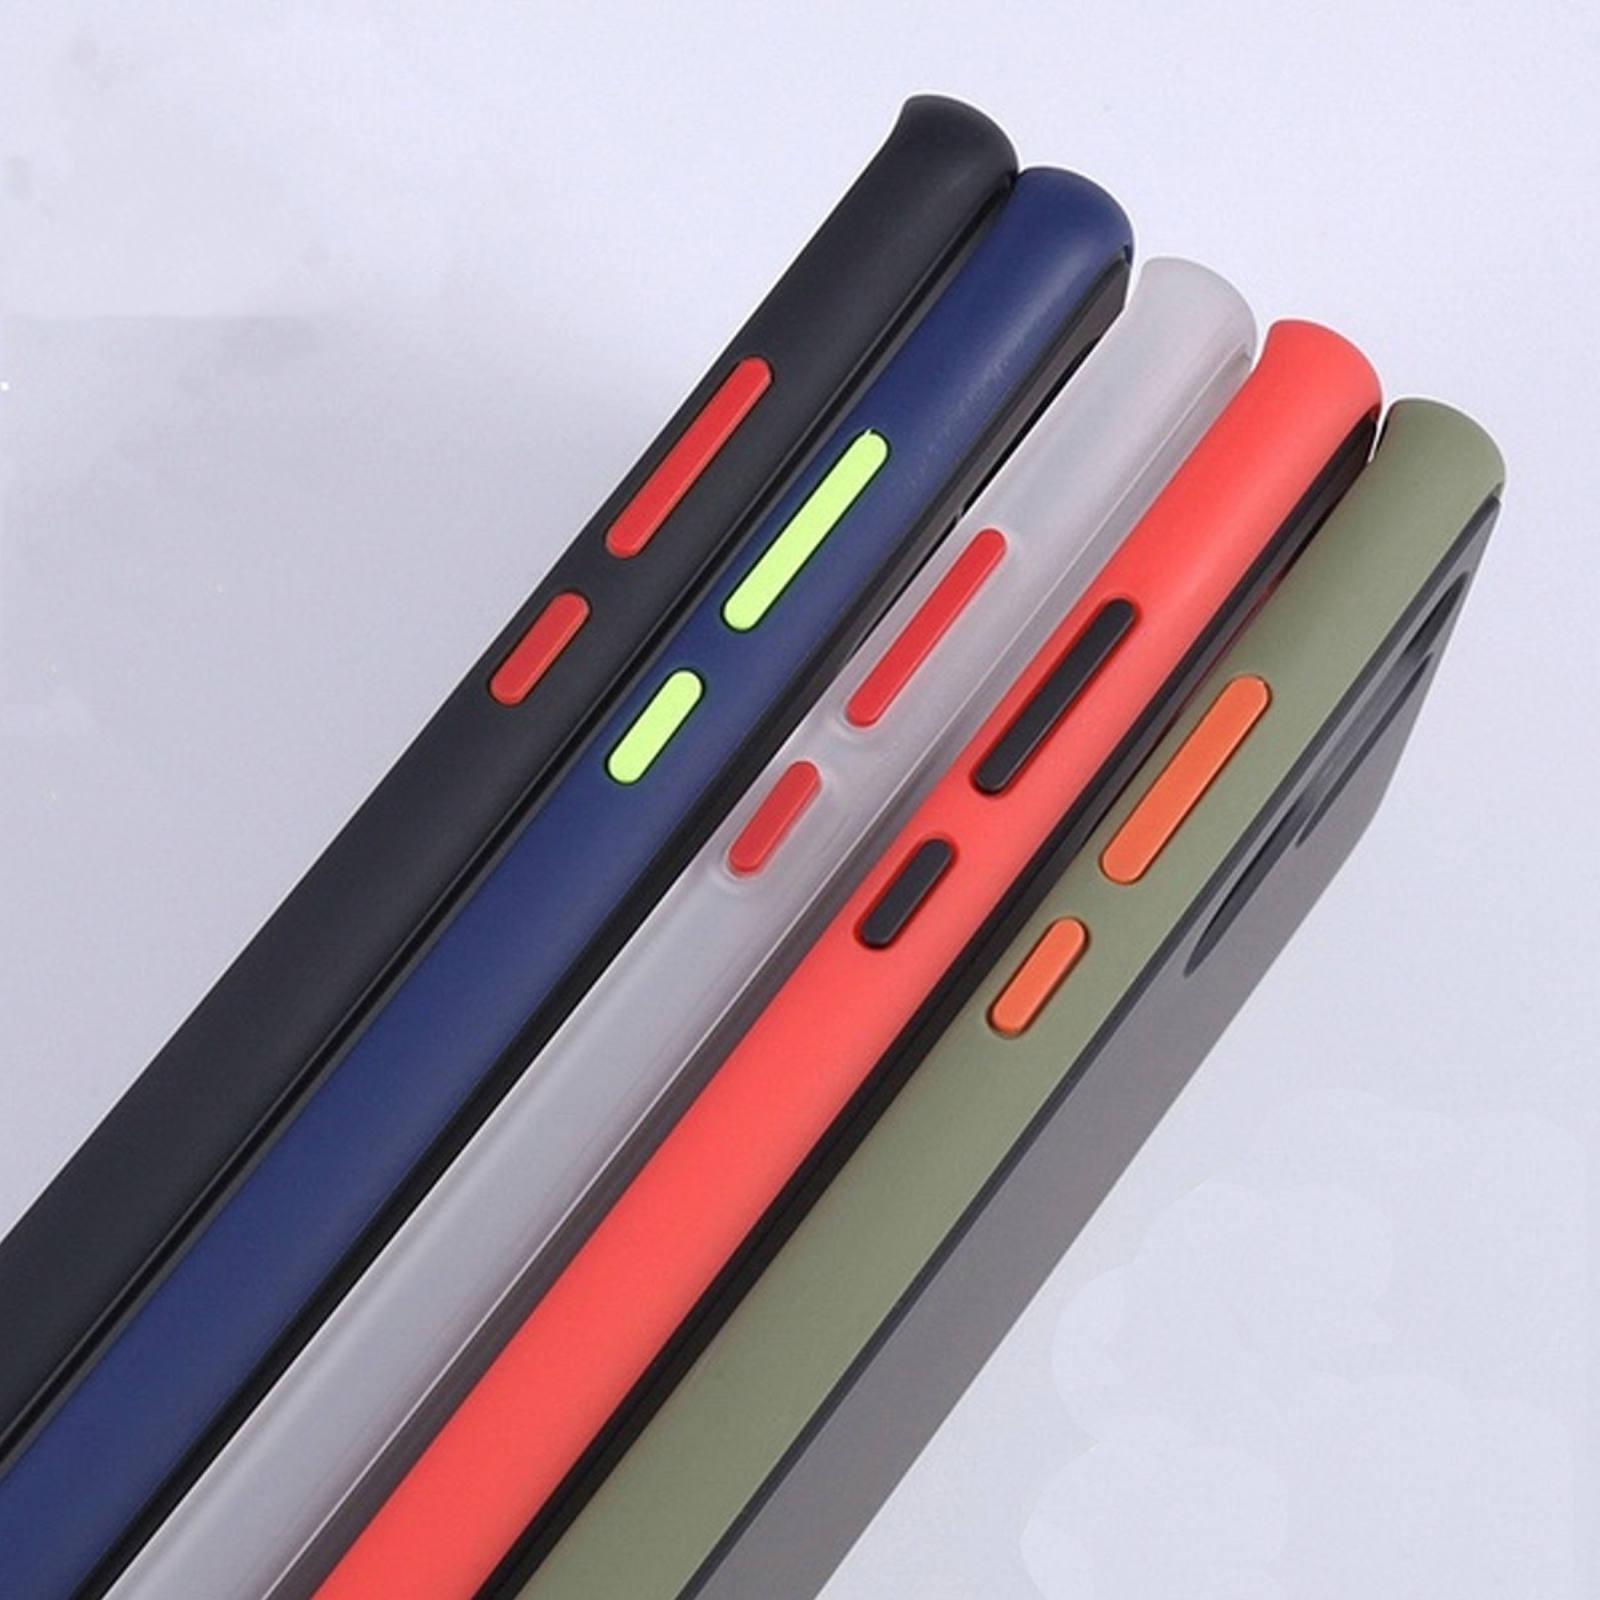 کاور مدل ME-001 مناسب برای گوشی موبایل هوآوی Nova 7i / P40 Lite / Nova 6 SE thumb 4